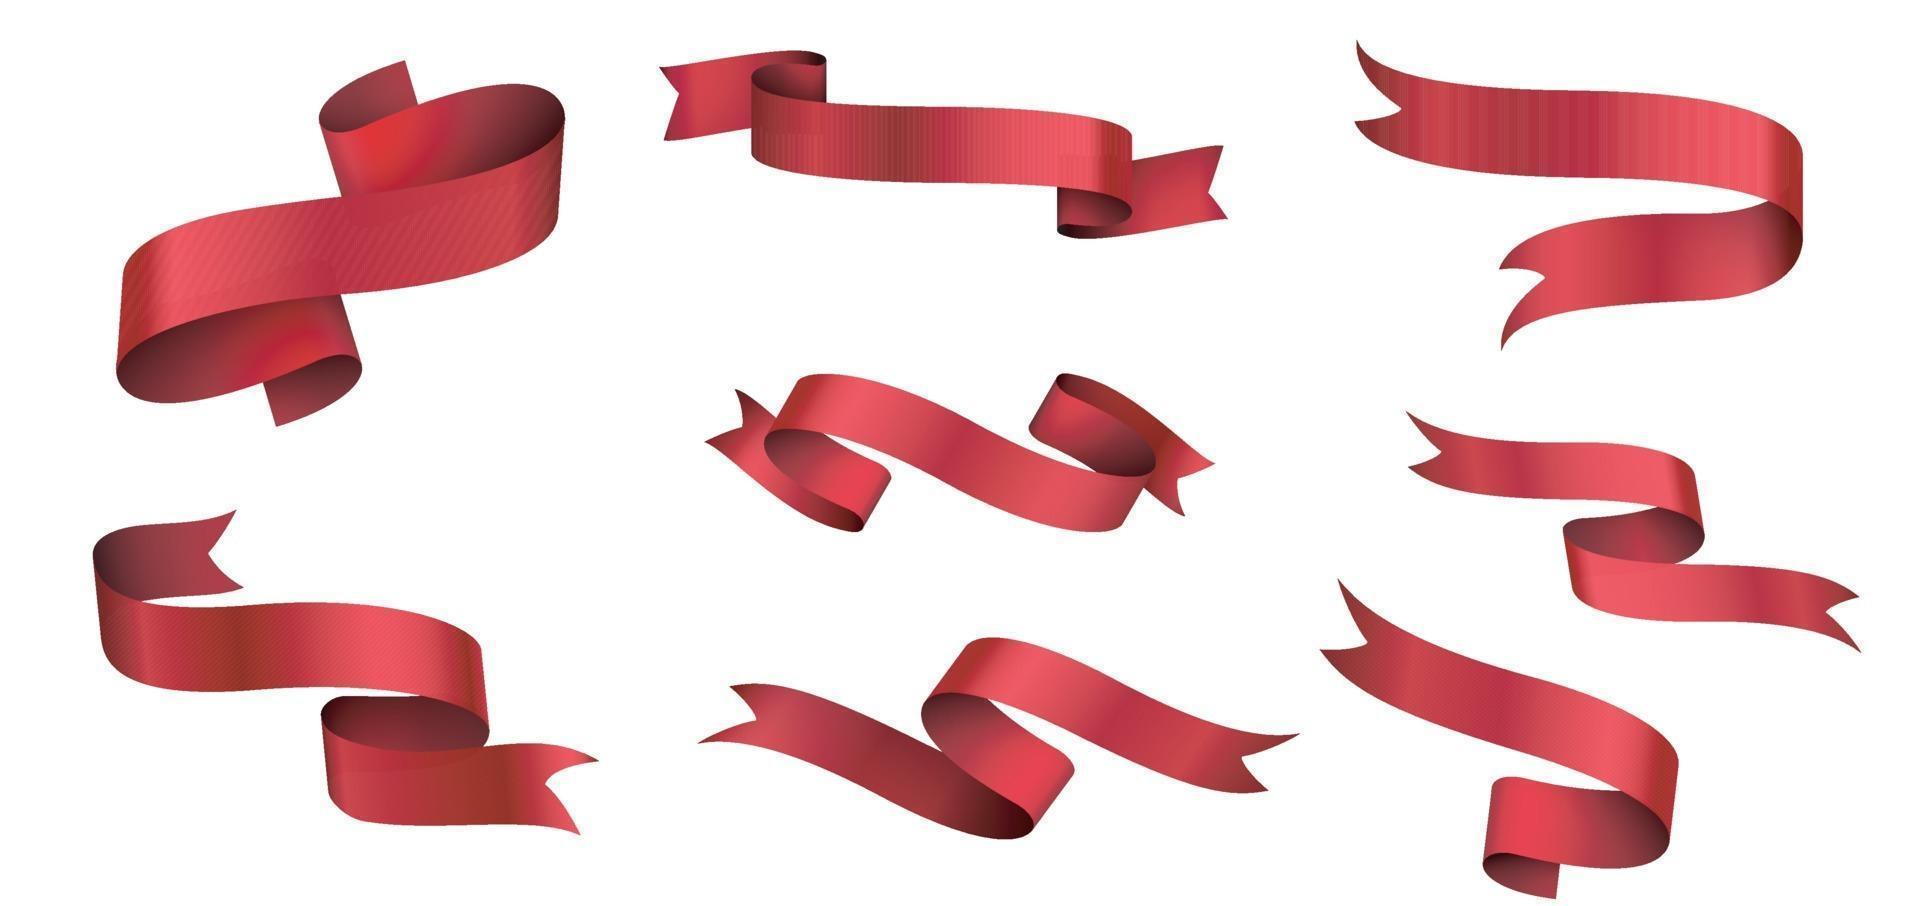 banner e fiocco, nastro rosso dritto isolato su sfondo bianco illustrazione vettore